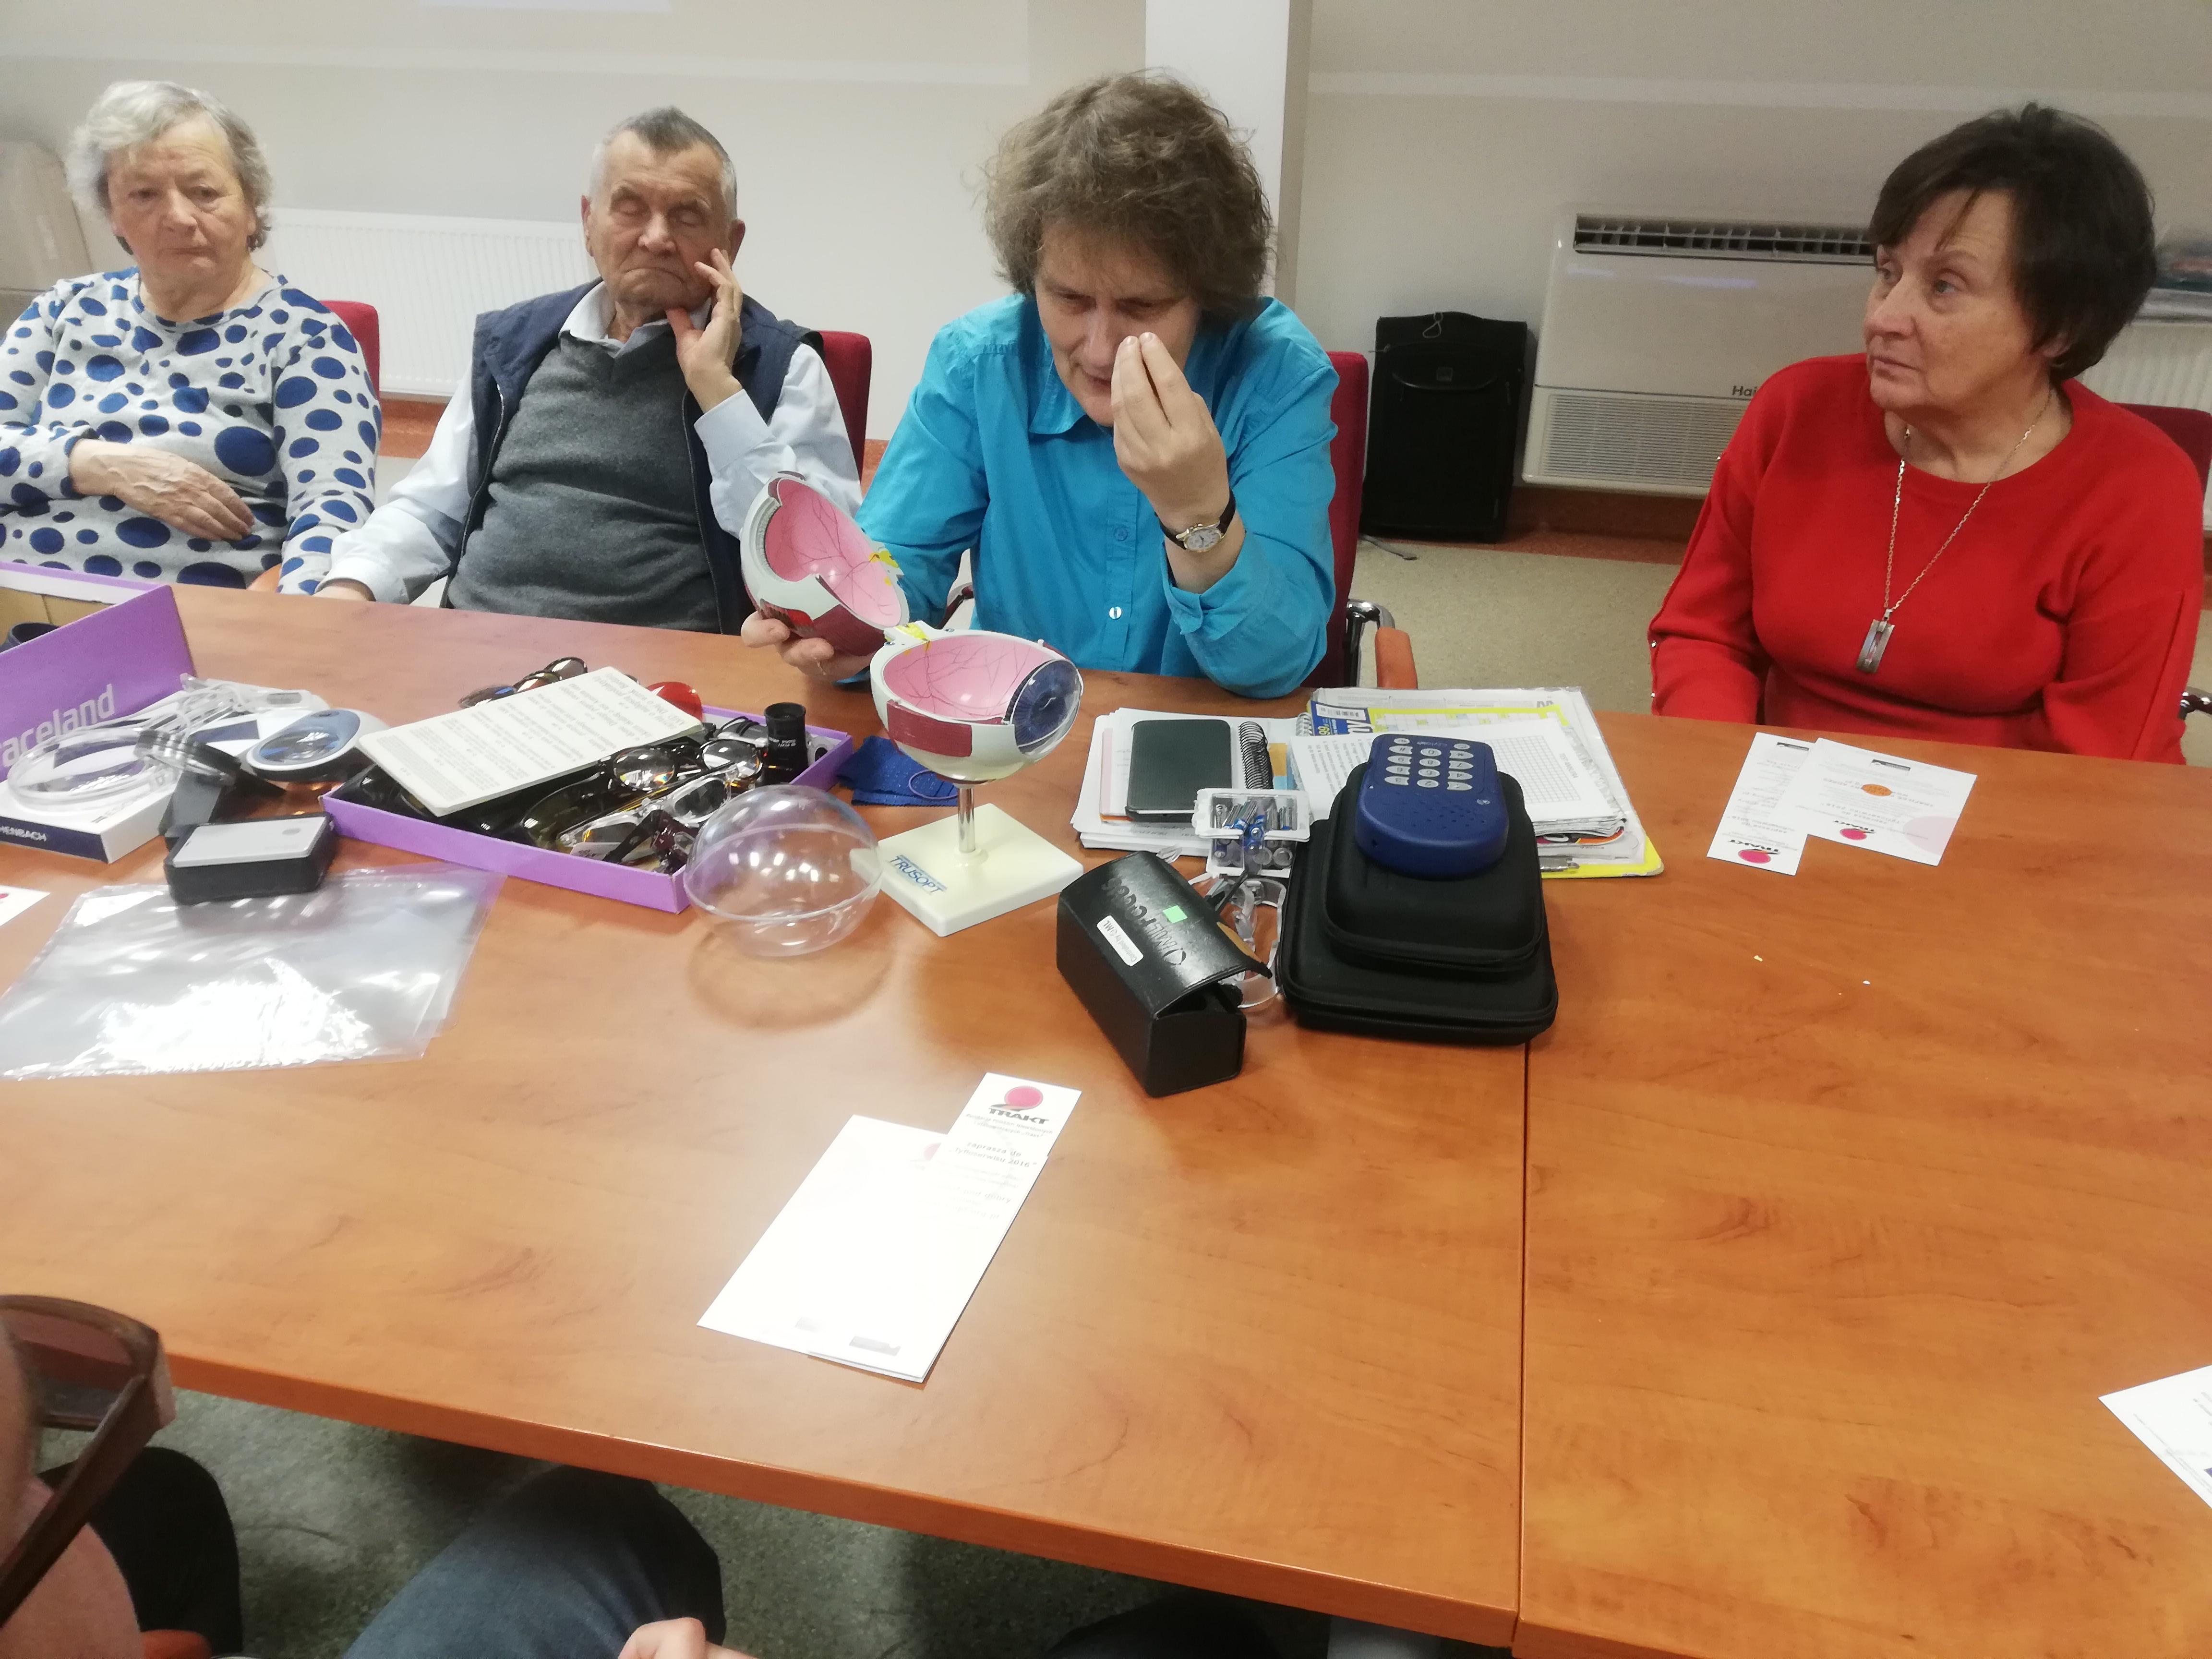 Czterech uczestników zjazdu podczas prezentacji modelu oka siedzący przy prostokątnym stole, wśród nich ubrana w niebieską bluzkę kobieta podczas budowania modelu oka, na stole widoczne jego różne elementy.